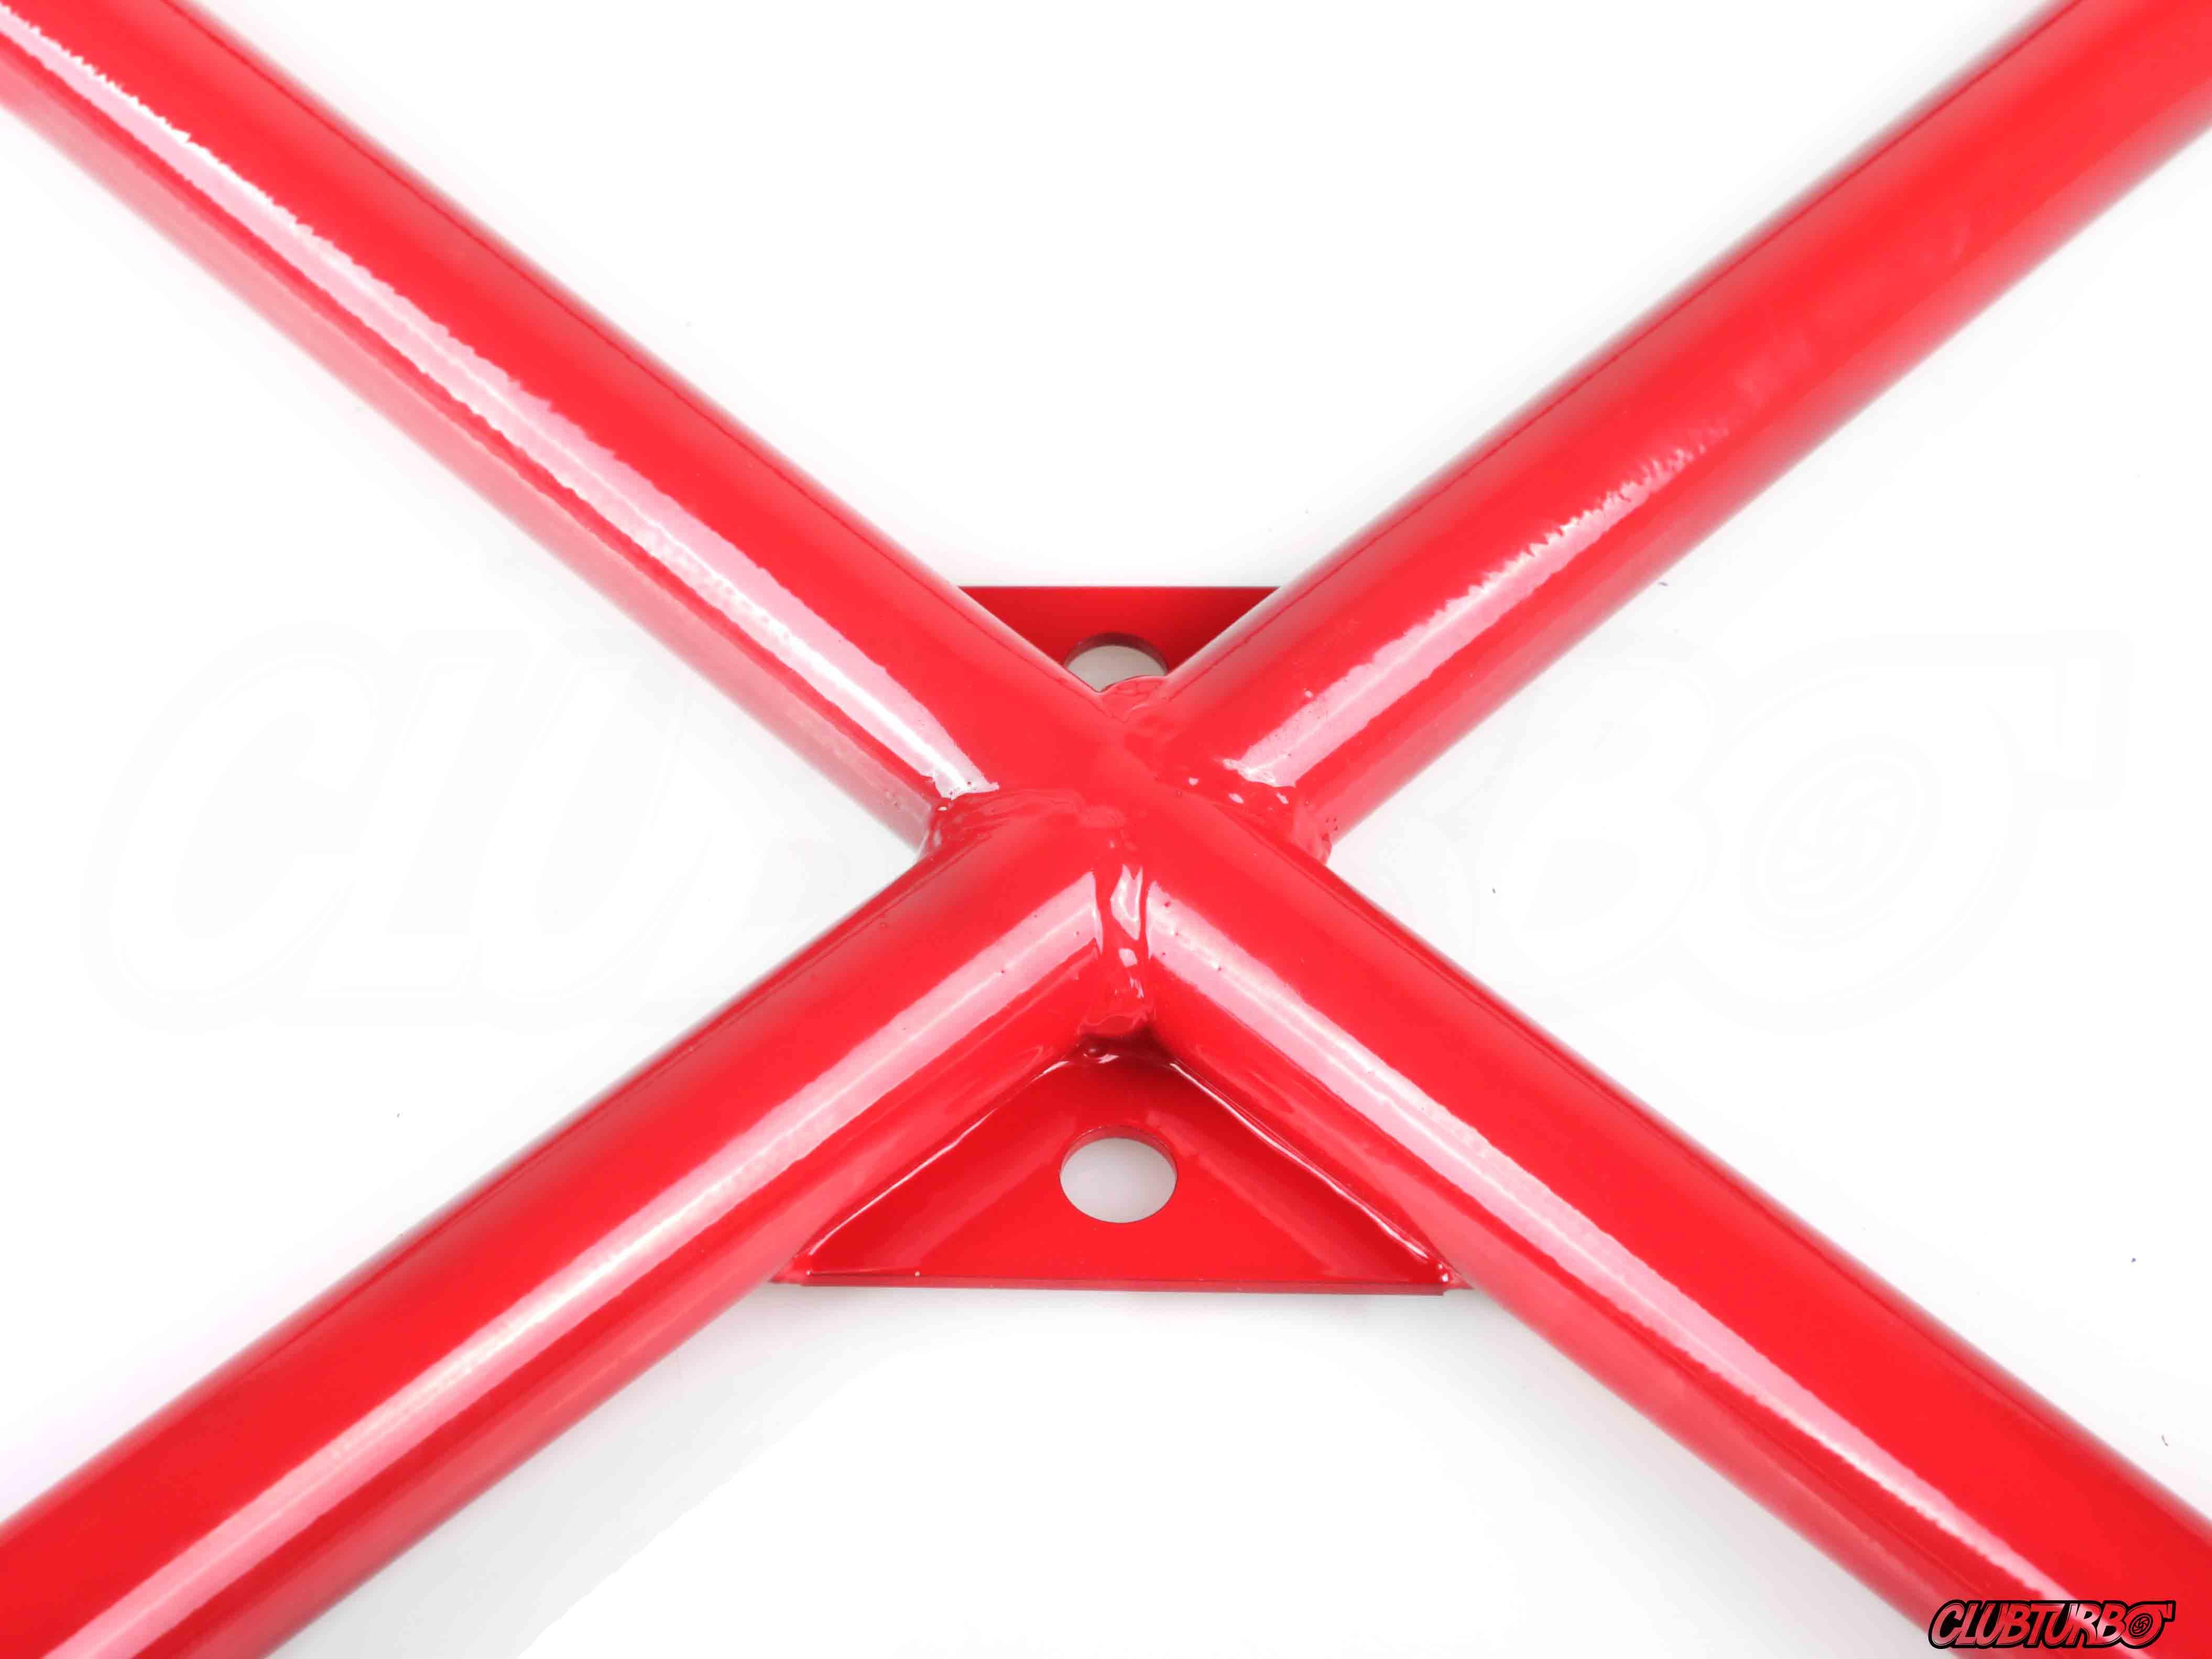 Подрамники Tuning для ВАЗ Kalina и Granta: максимальная жёсткость кузова при малом весе